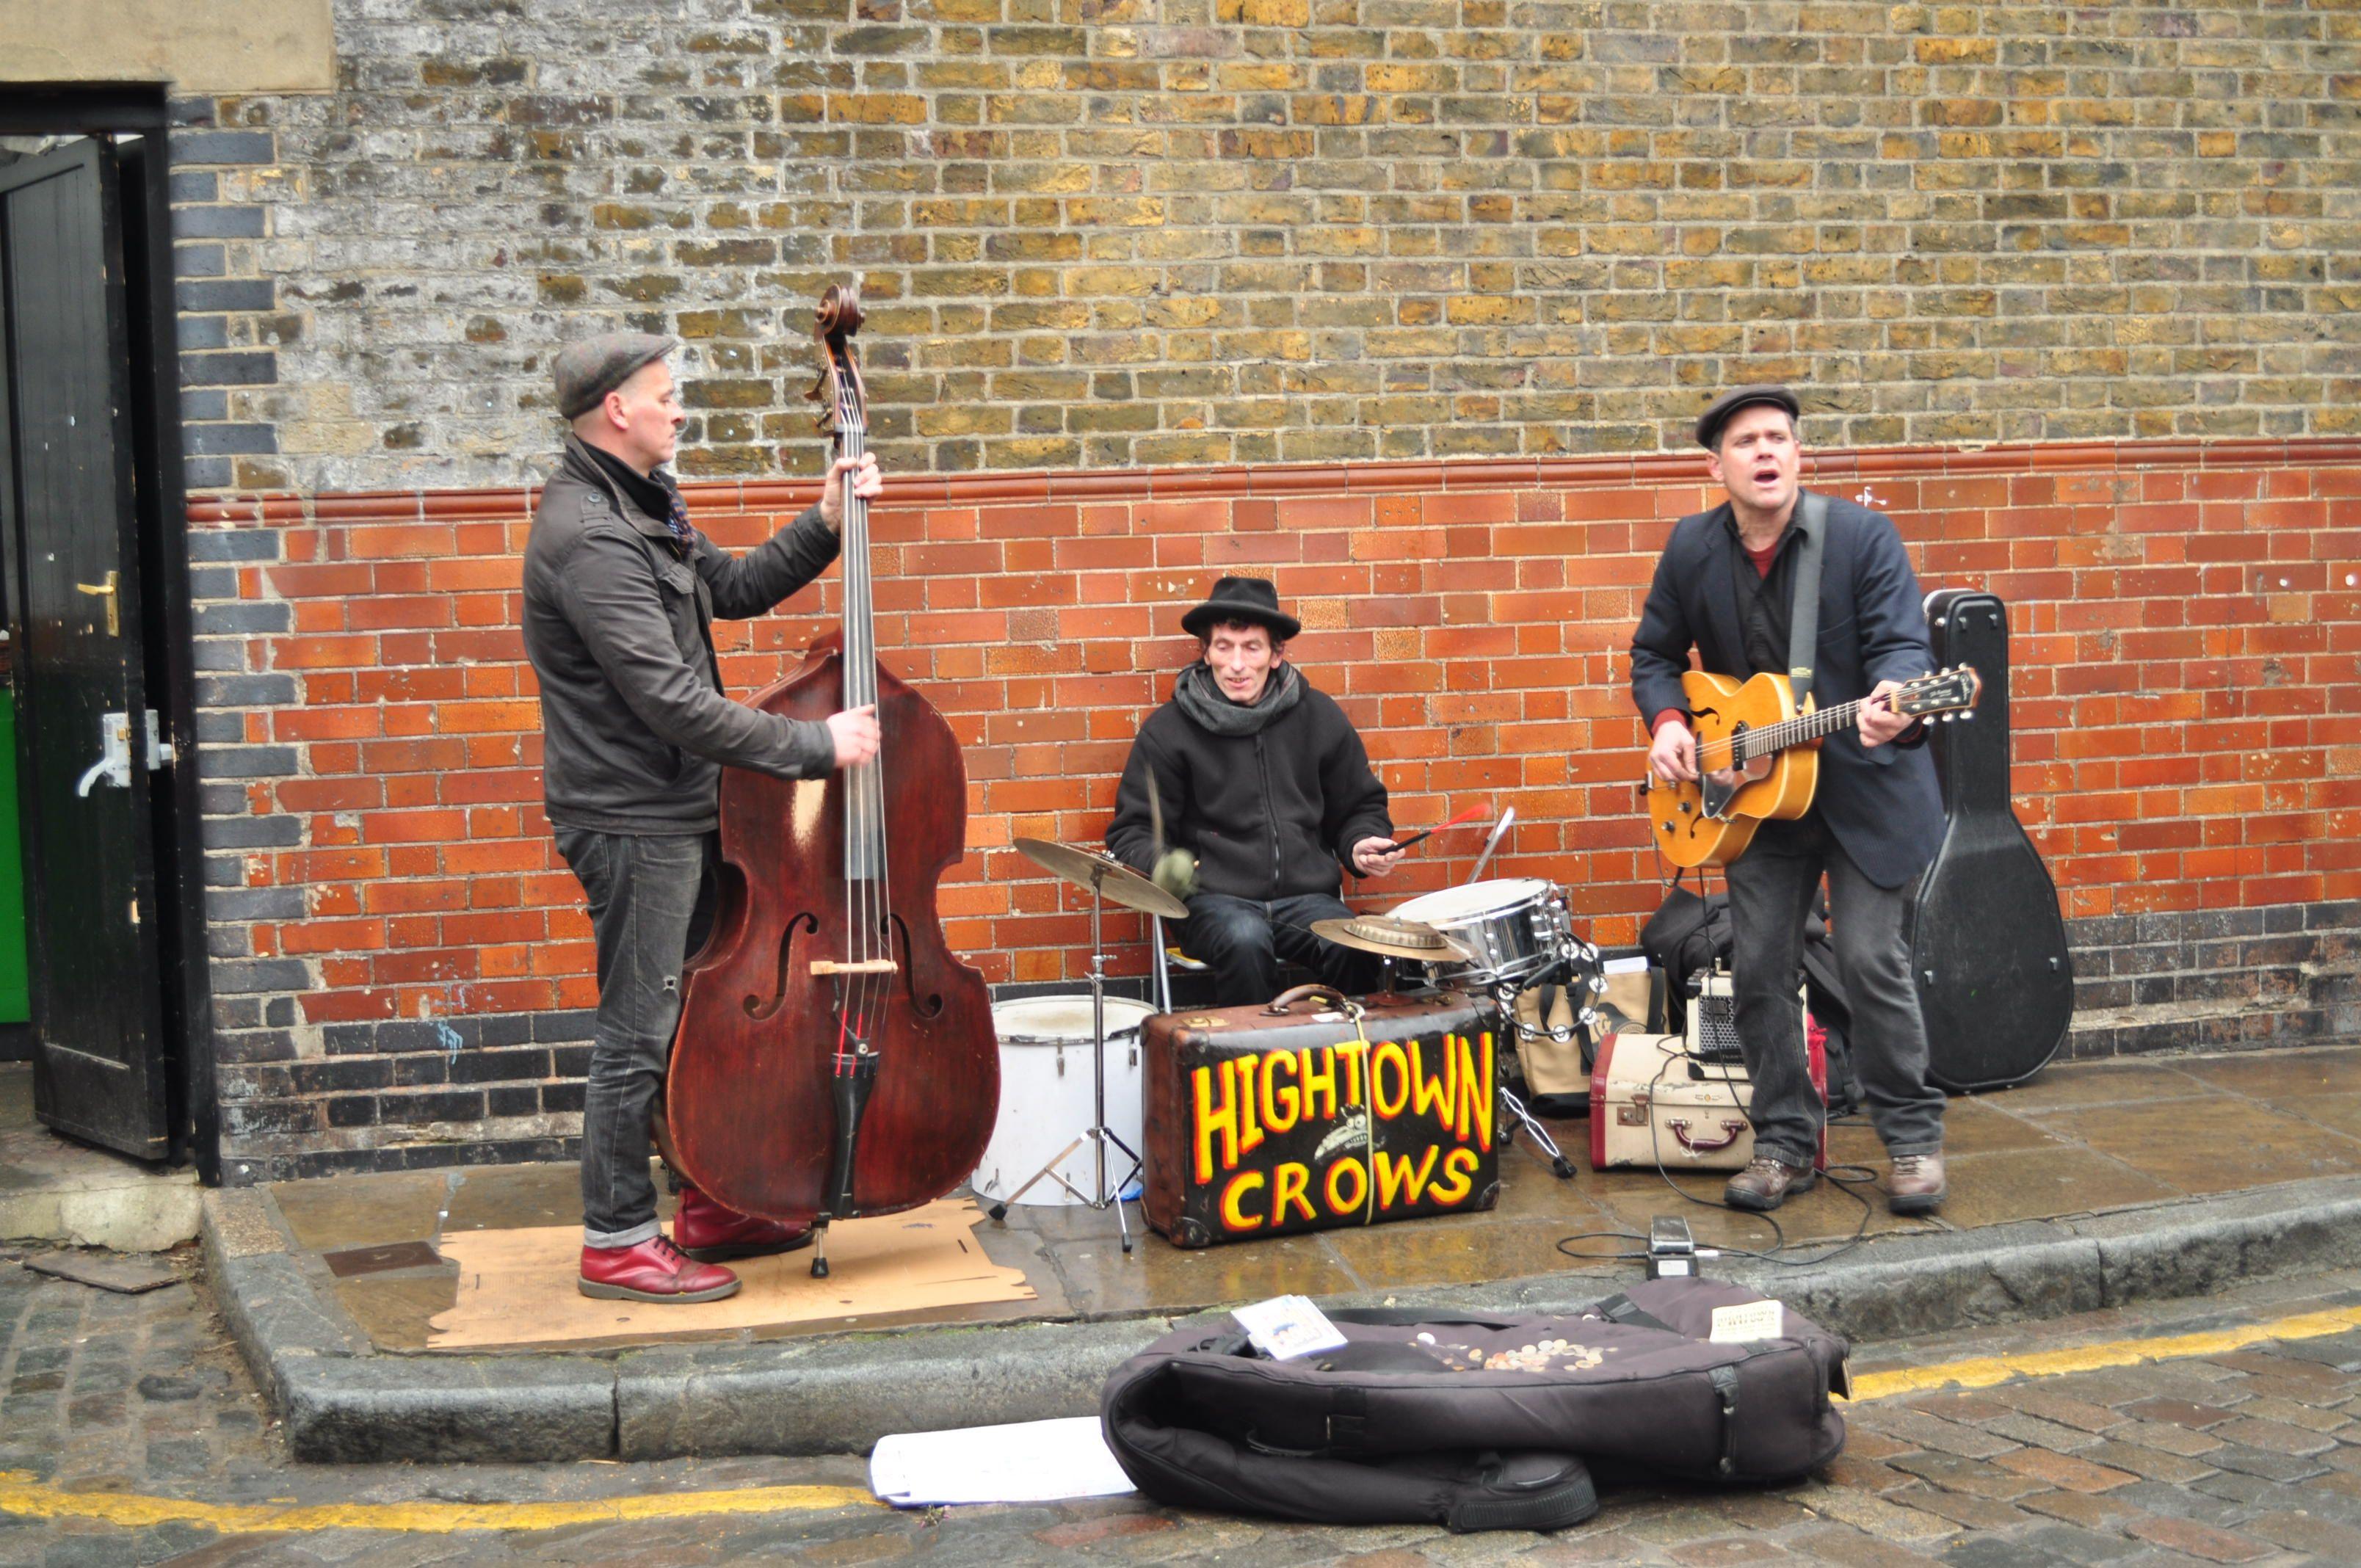 Columbia Road Market, Londres.  Febrero 2012.